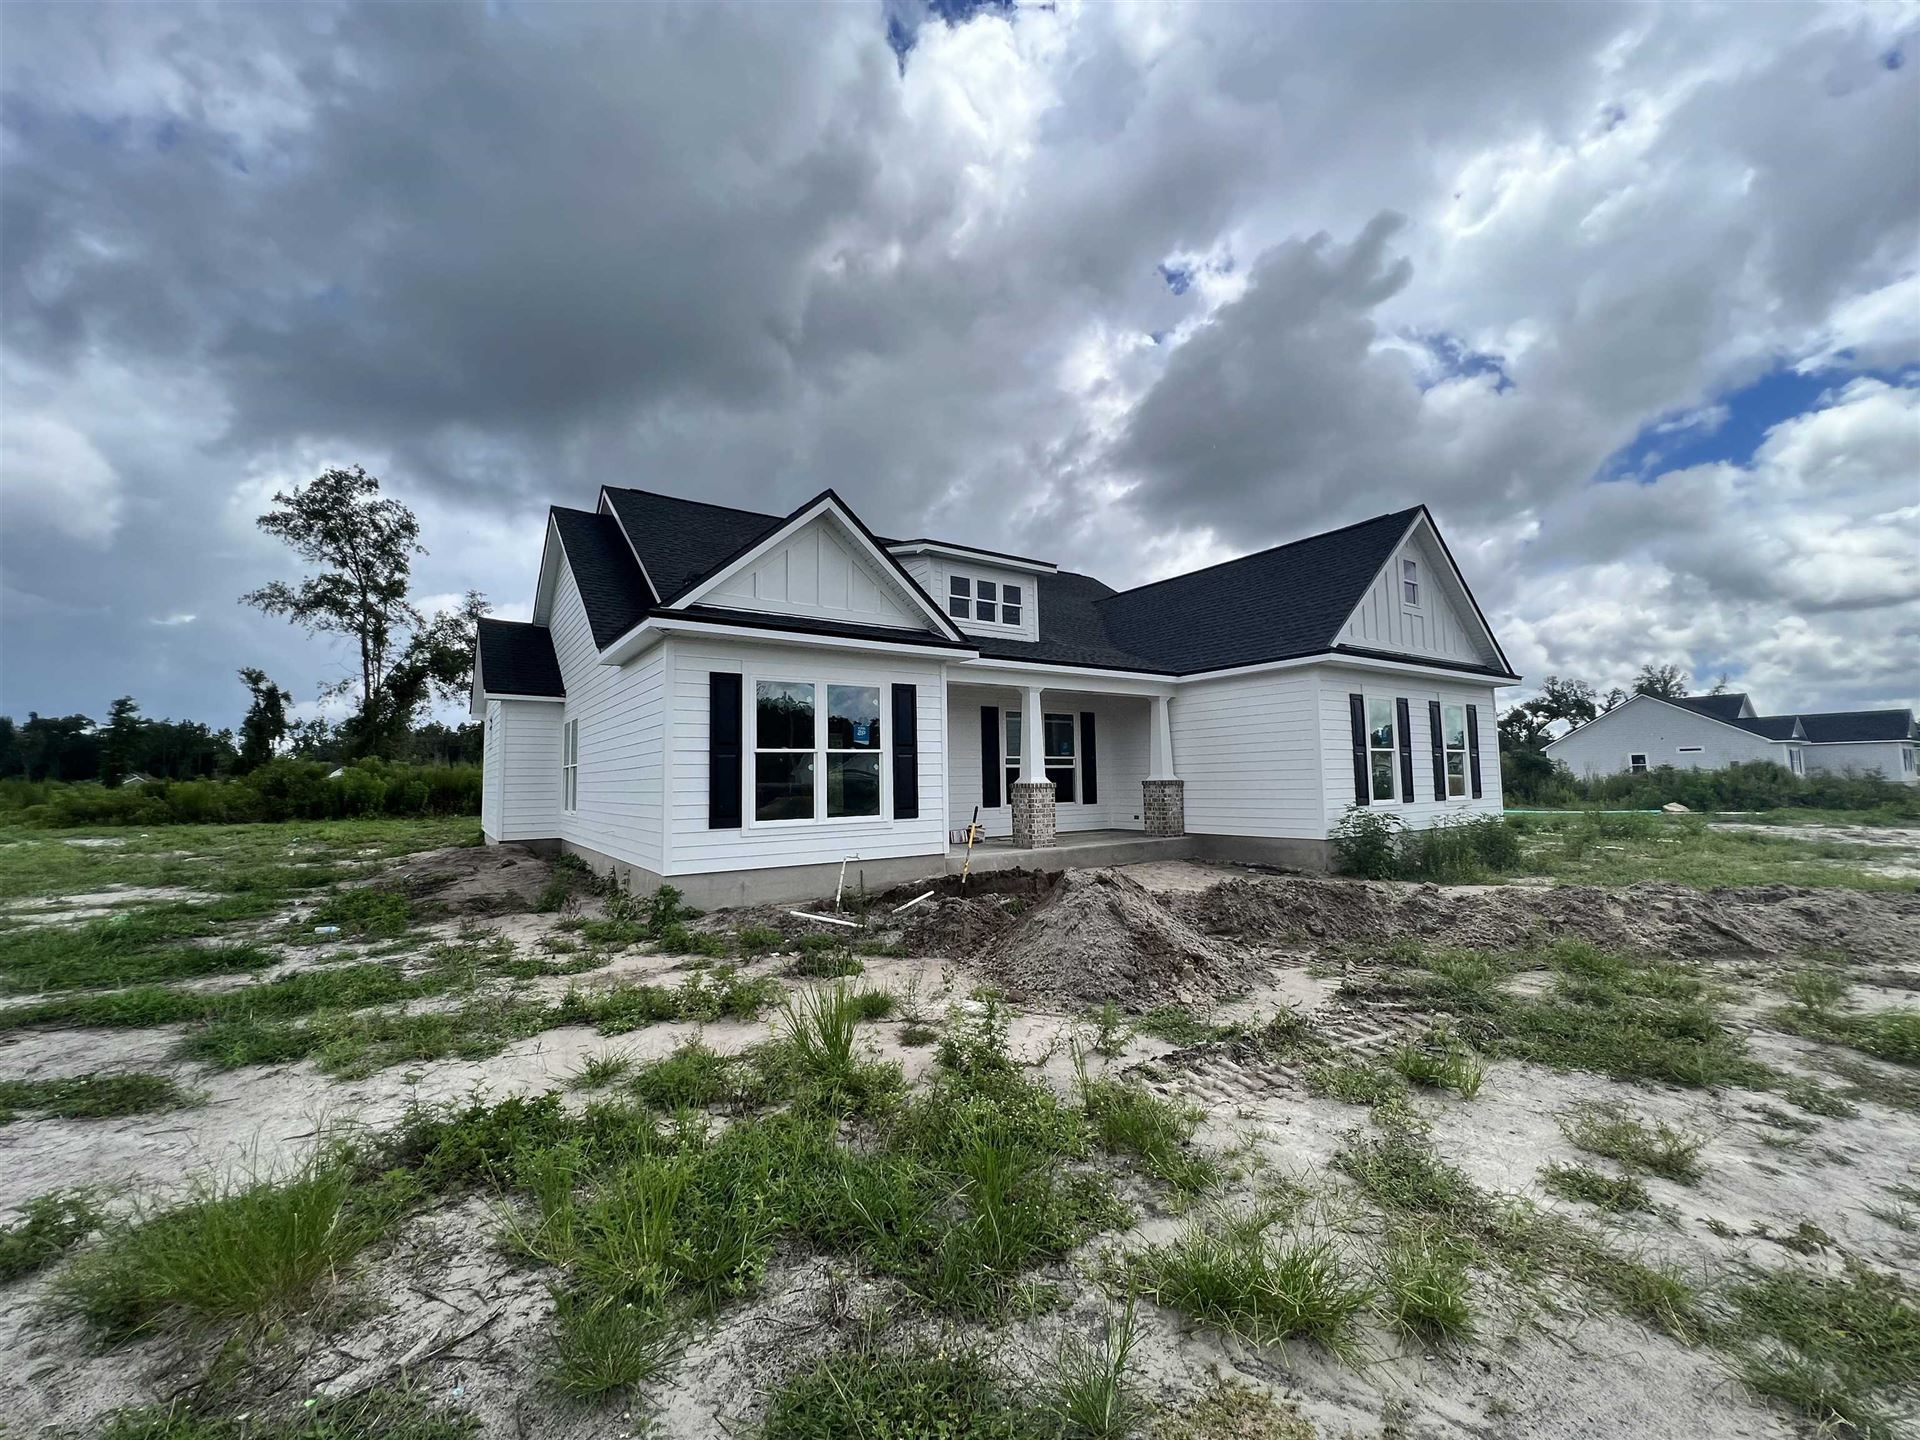 Lot 4 Brooks Drive, Crawfordville, FL 32327 - MLS#: 336426